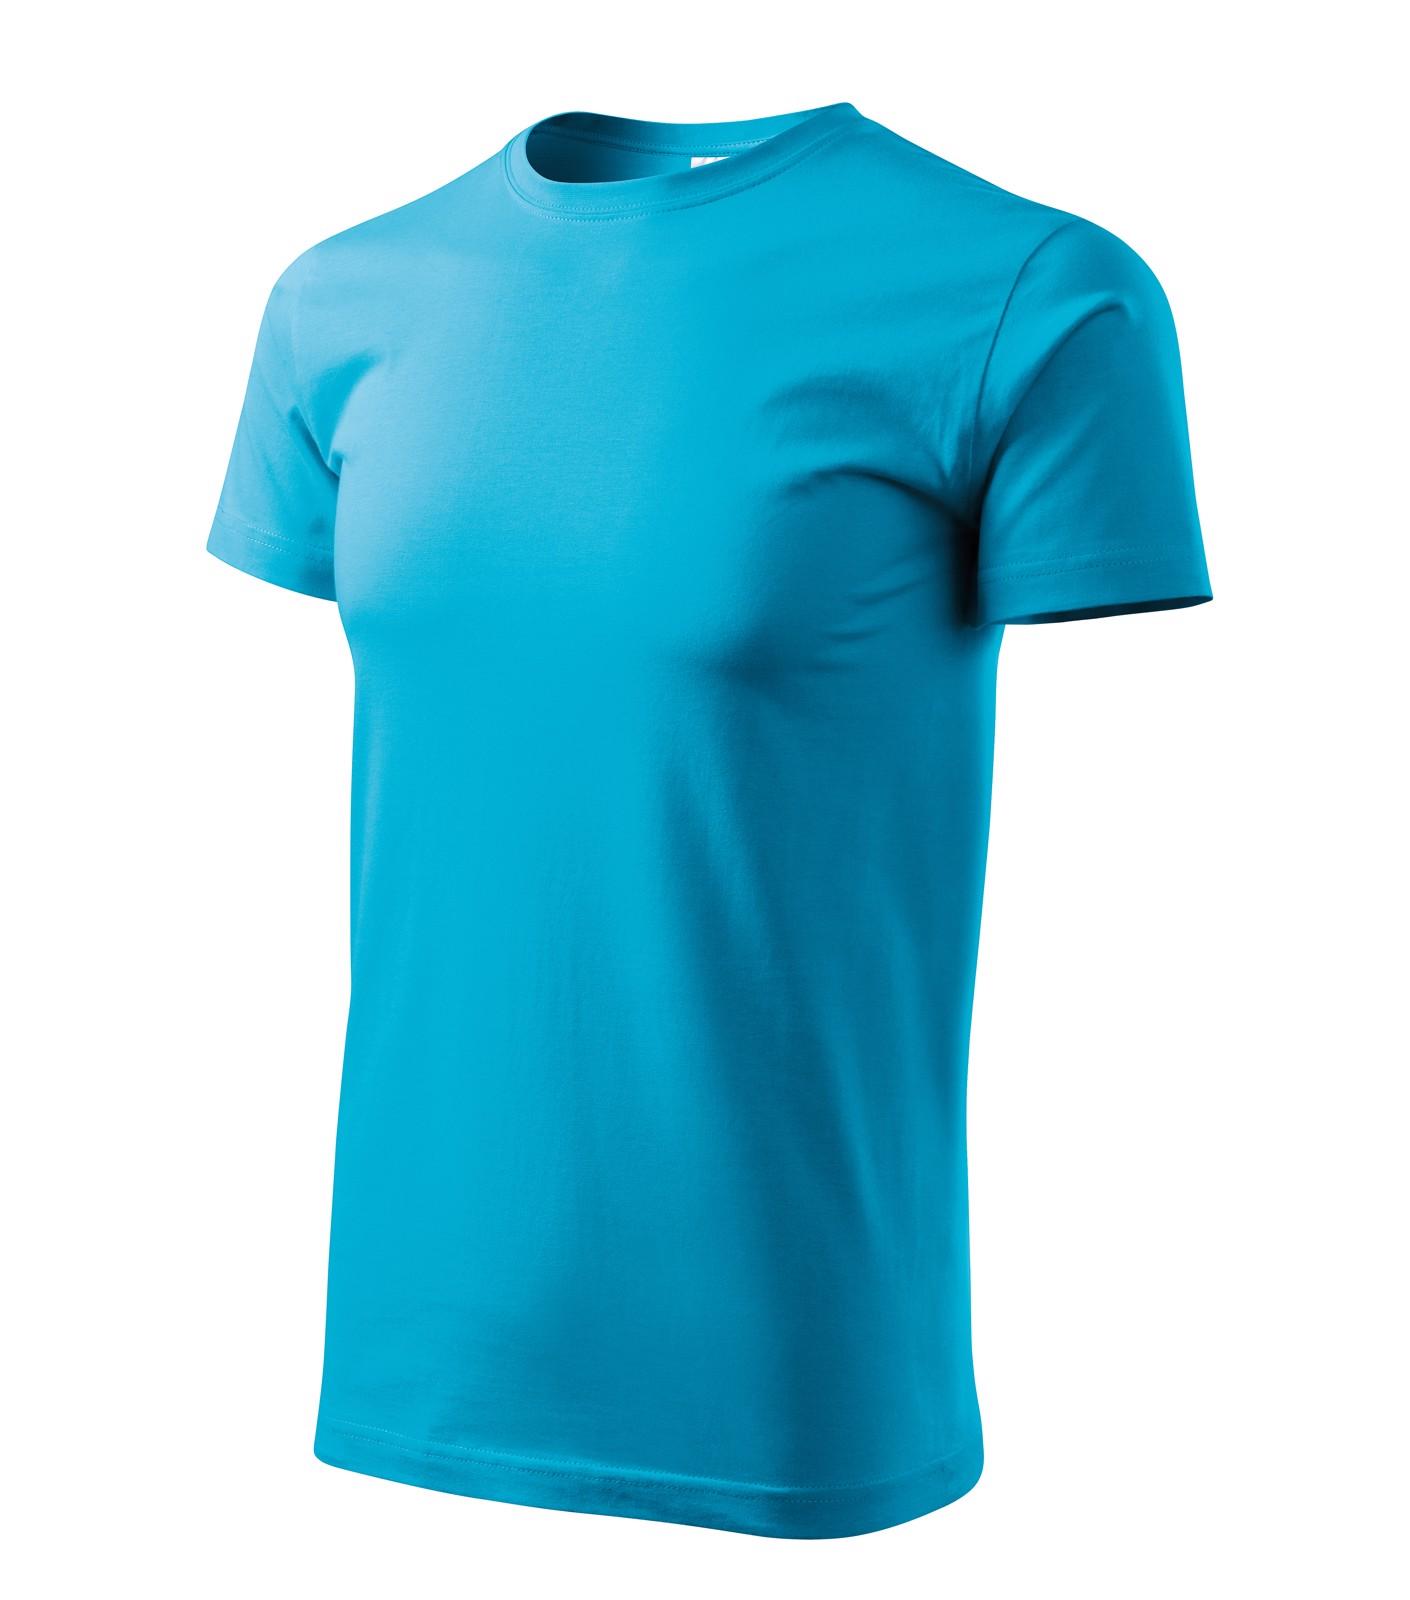 T-shirt men's Malfini Basic - Blue Atoll / S